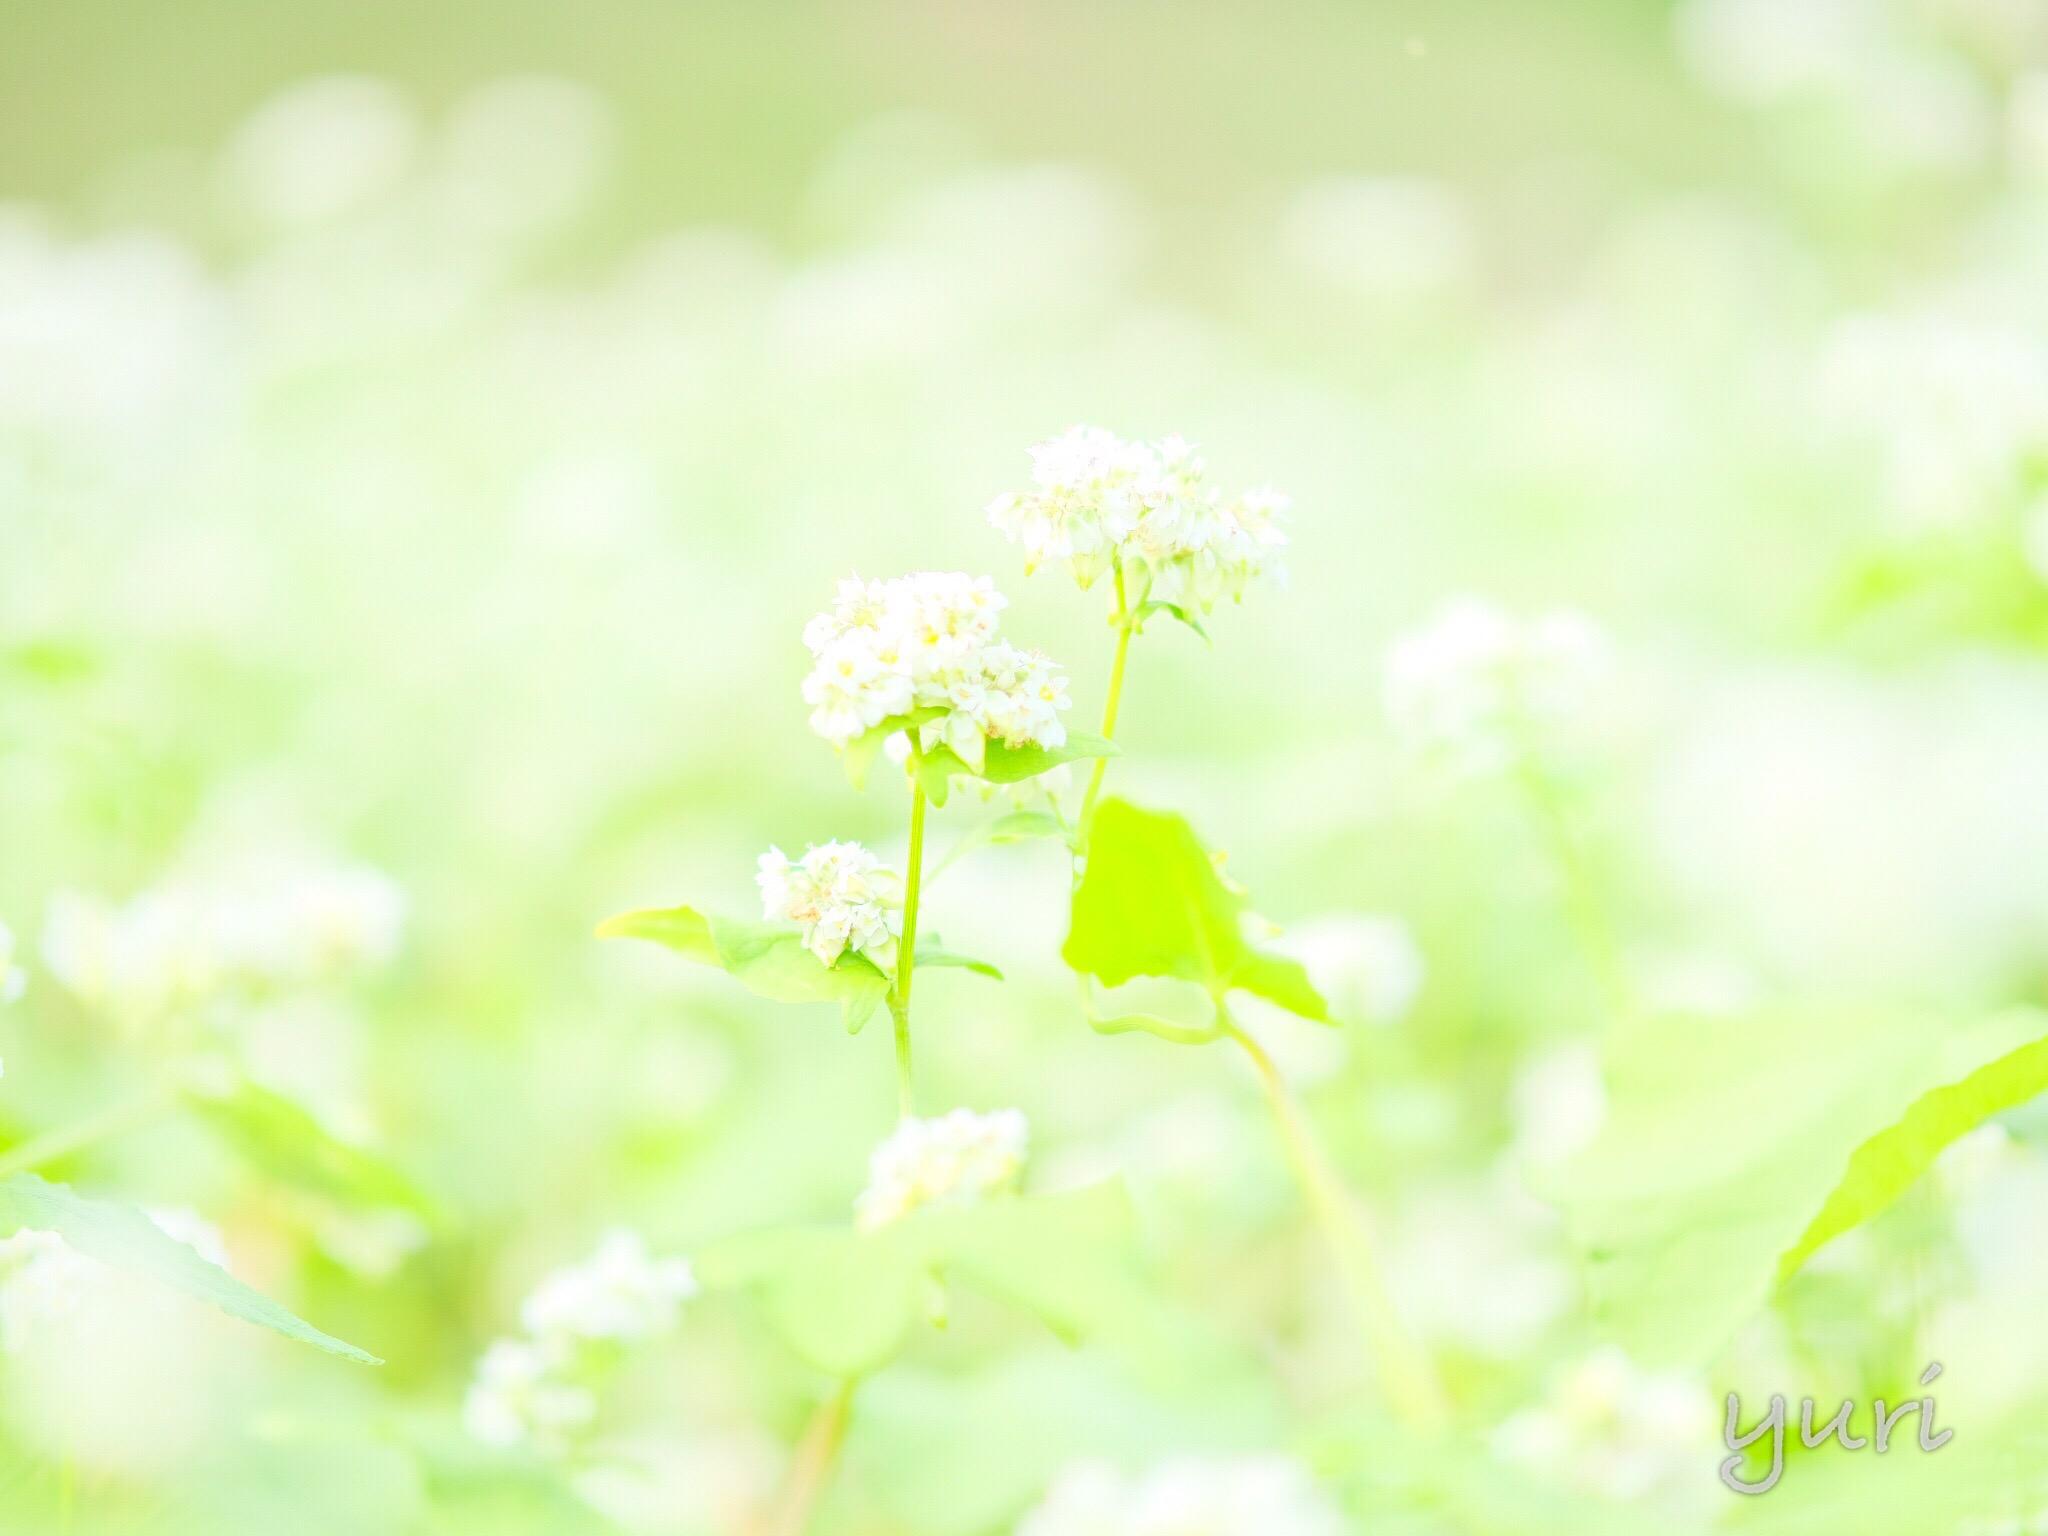 笠地区だけじゃない!奈良県明日香村にも蕎麦畑があった!